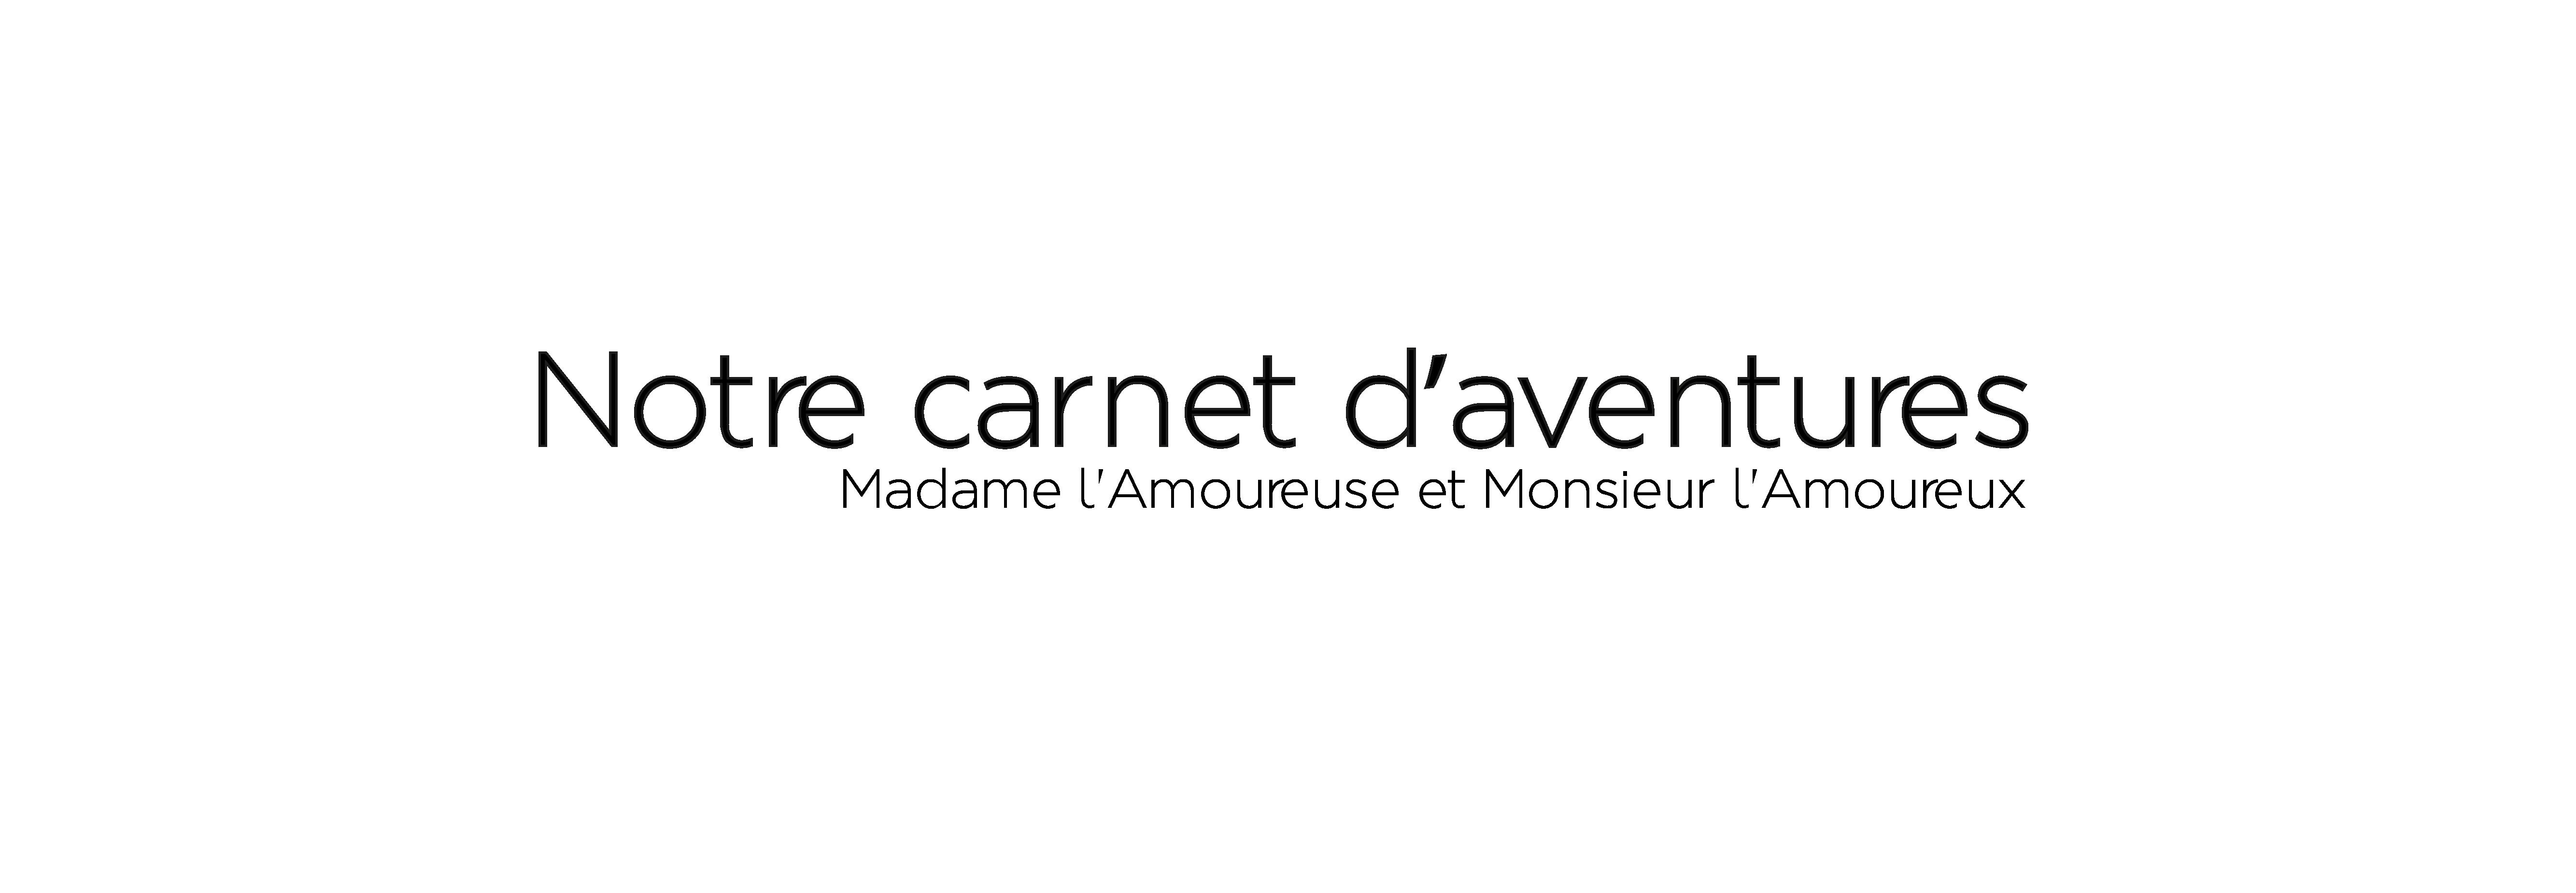 Notre Carnet d'Aventures – blog Orléans